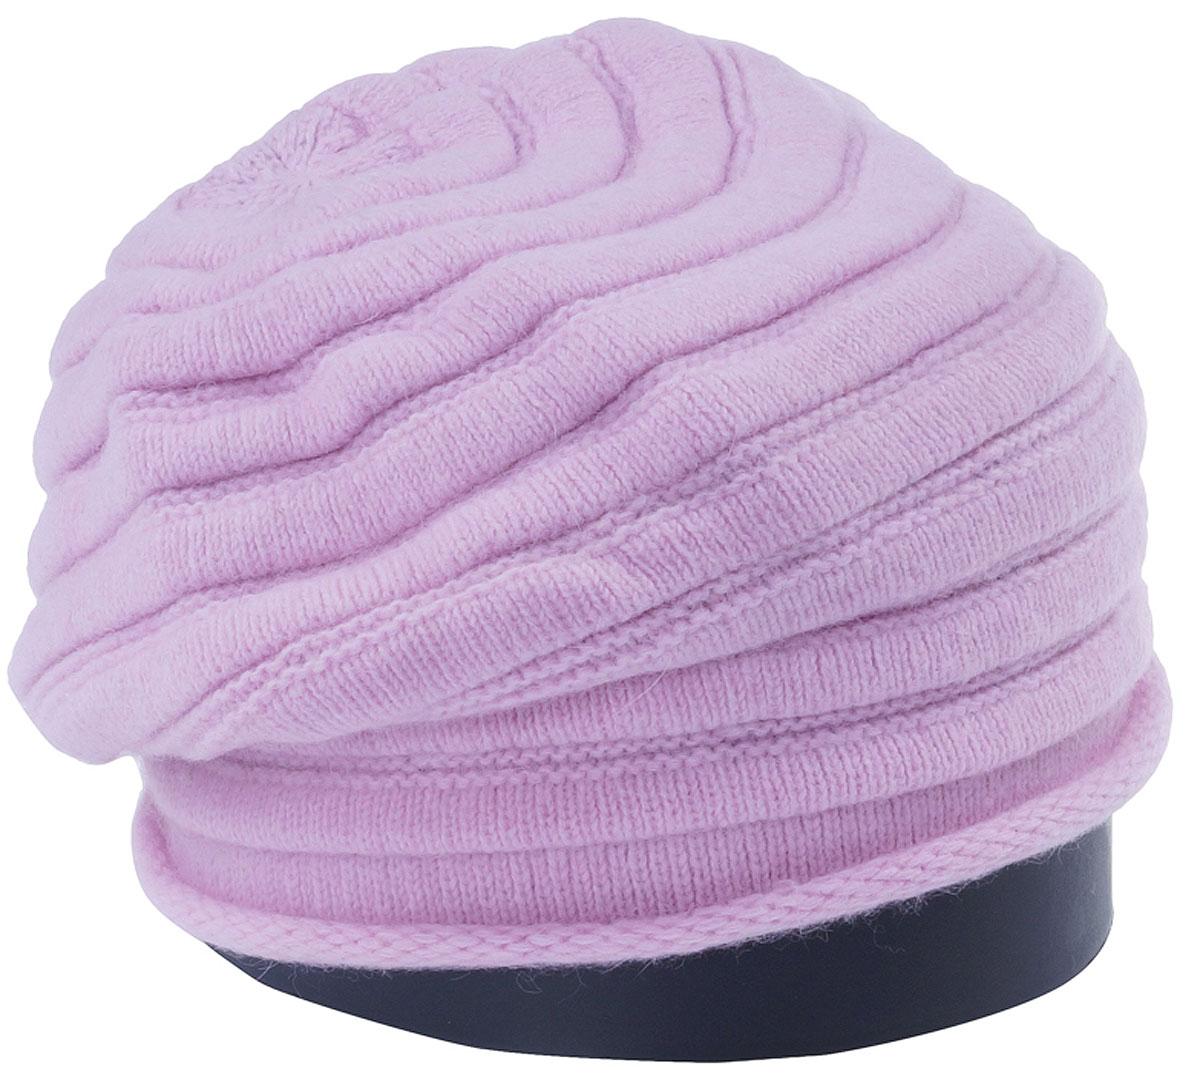 Шапка женская Vittorio Richi, цвет: светло-розовый. Aut161825L-39/17. Размер 56/58Aut161825LСтильная женская шапка Vittorio Richi отлично дополнит ваш образ в холодную погоду. Модель, изготовленная из высококачественных материалов, максимально сохраняет тепло и обеспечивает удобную посадку. Привлекательная стильная шапка подчеркнет ваш неповторимый стиль и индивидуальность.